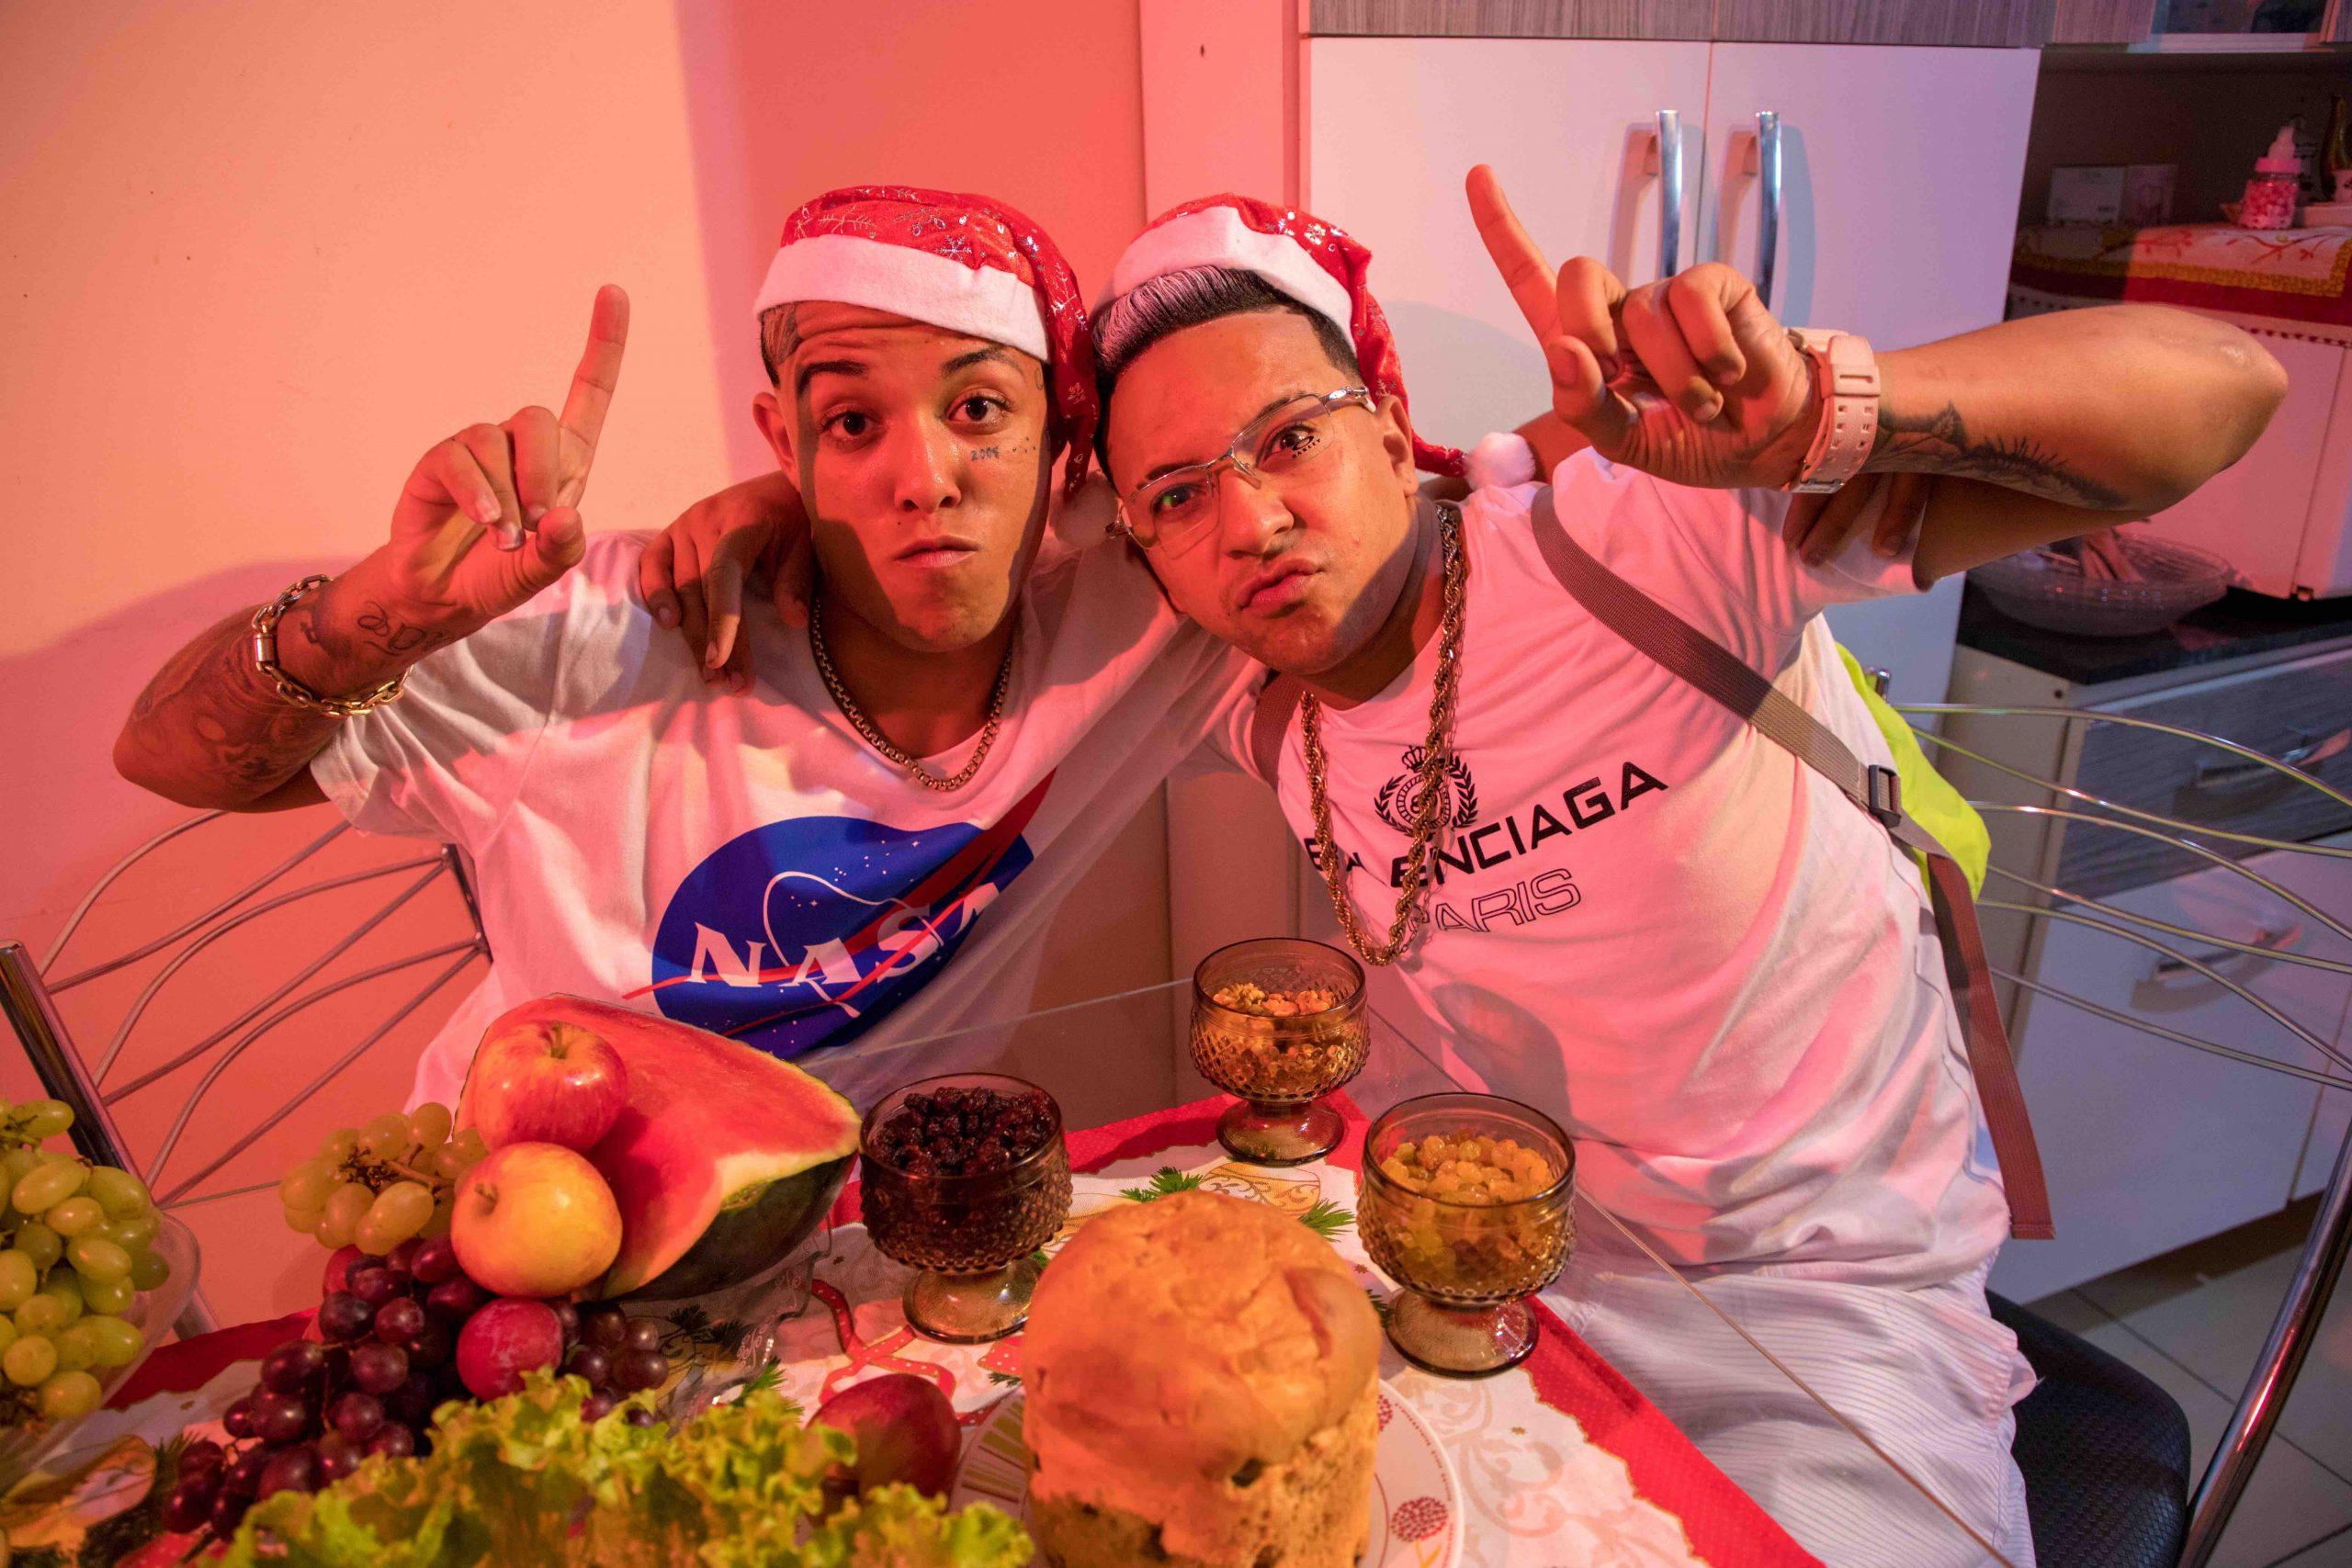 MC Alê e MC Digo STC retratam o final de ano na quebrada em novo videoclipe